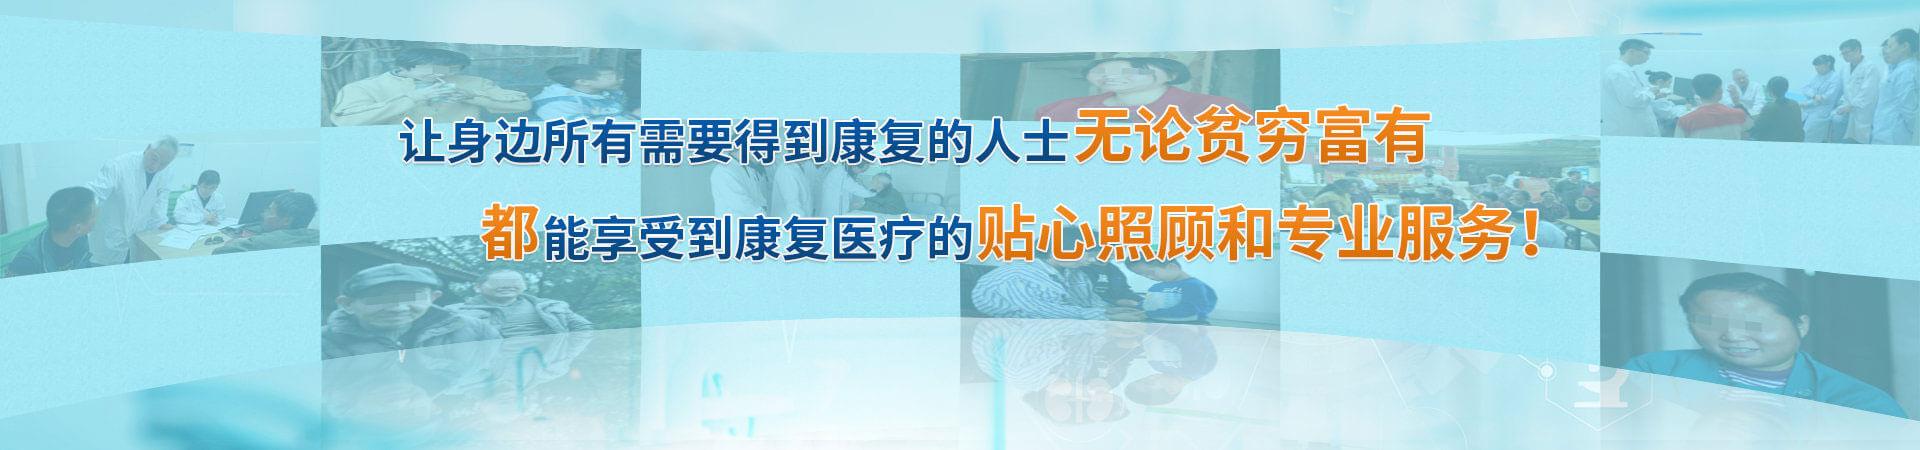 爱尔ManBetx客户端精神病医院新闻详情页